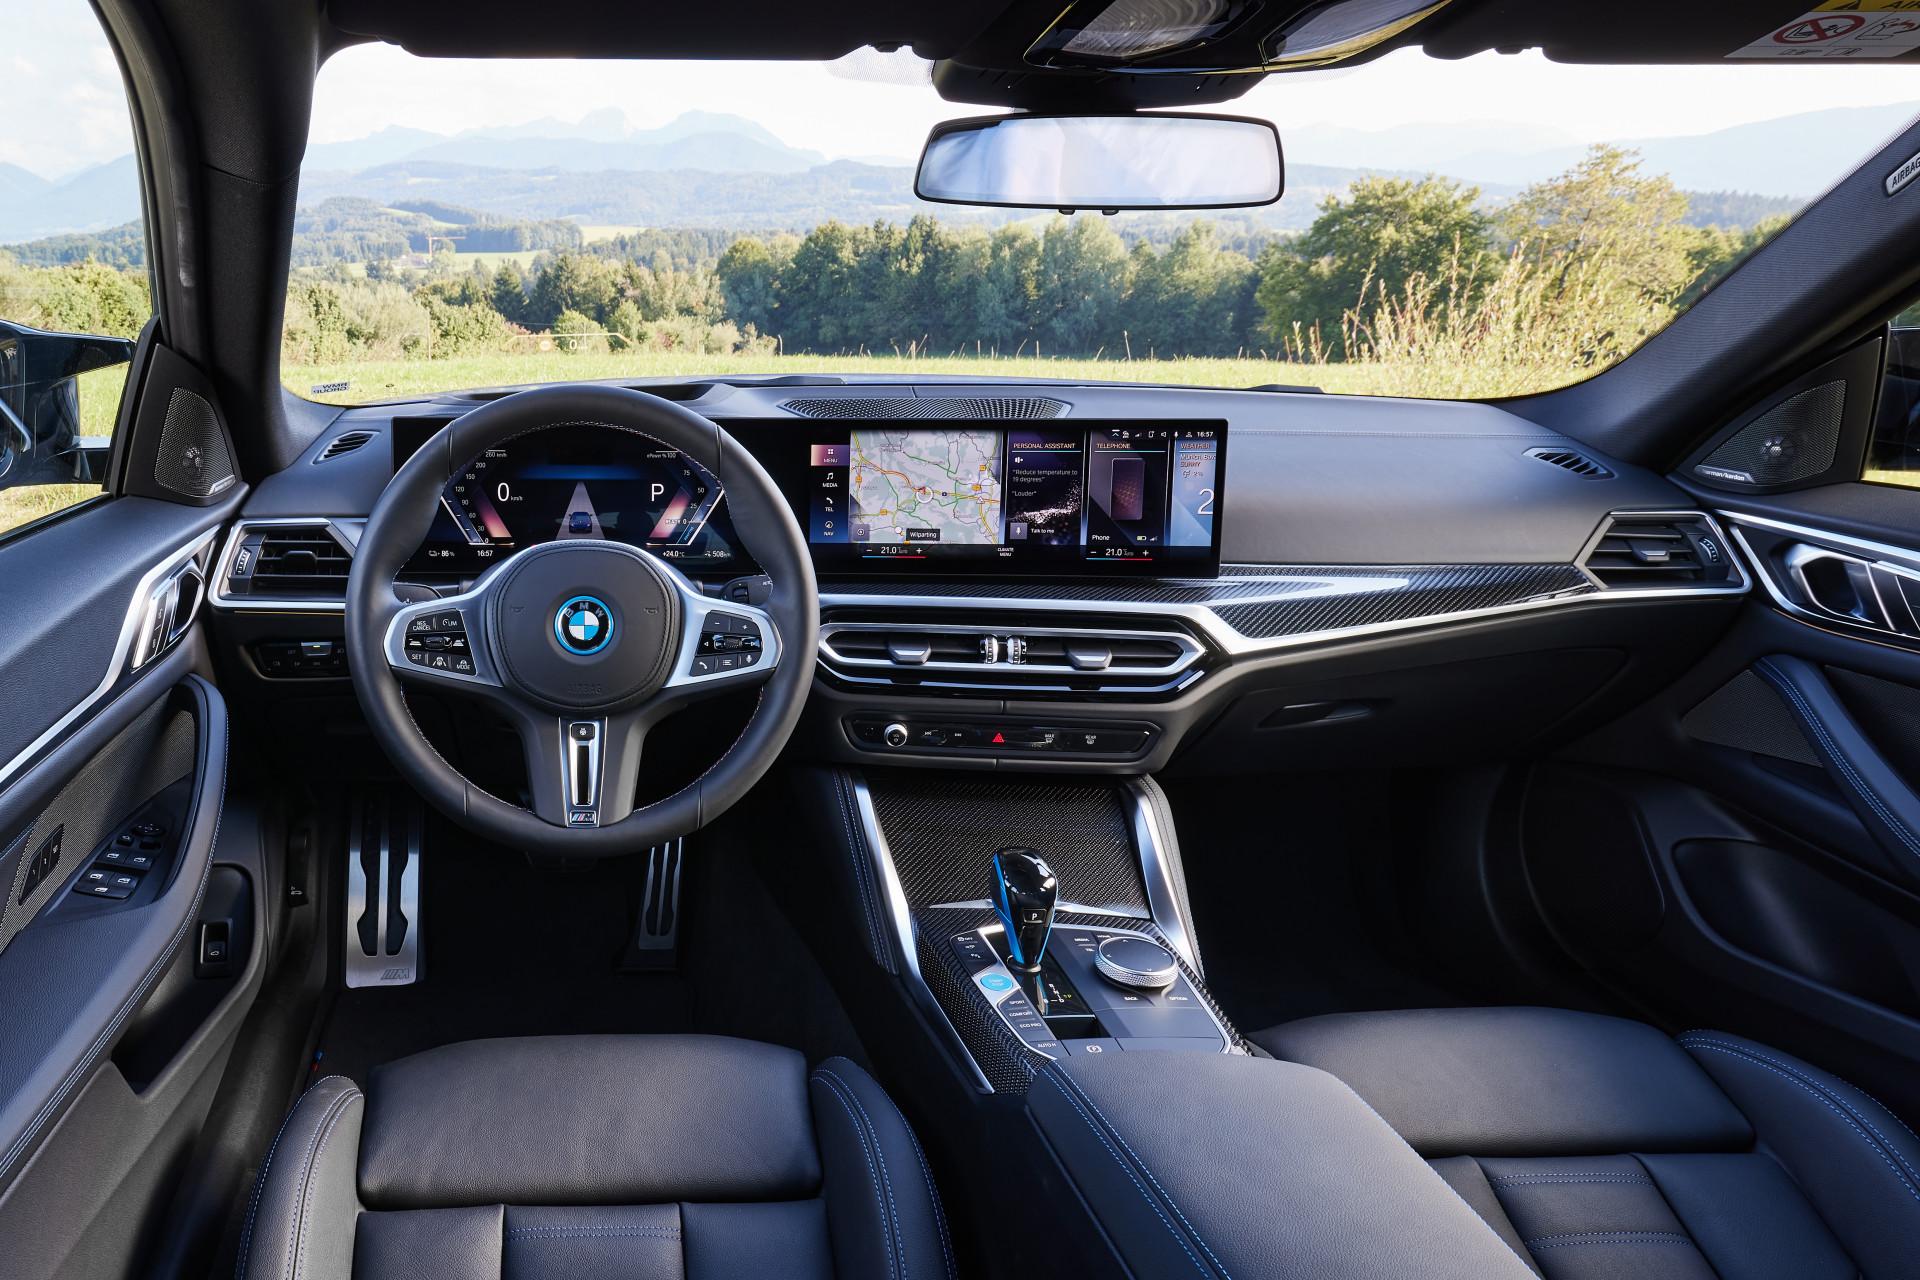 2022 BMW i4 - Key Information Review